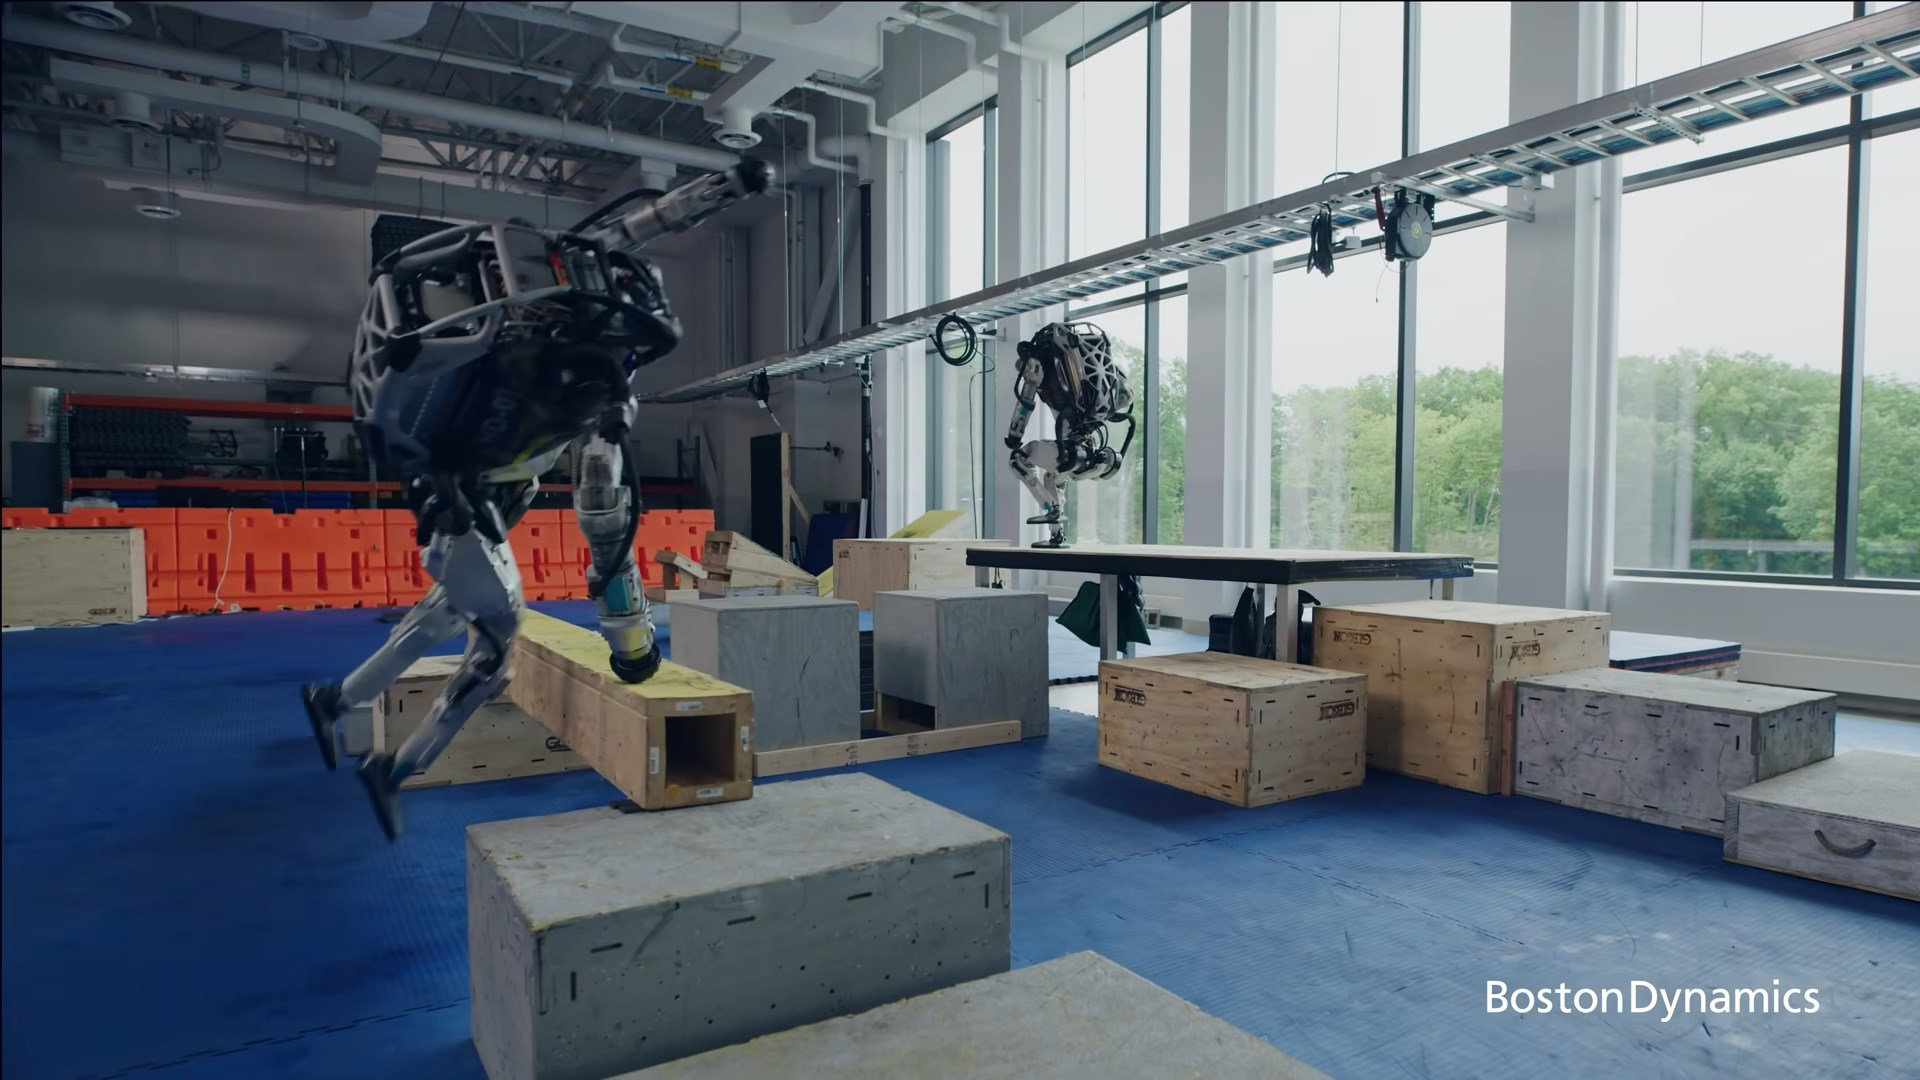 Инженеры Boston Dynamics продемонстрировали новые способности робота-гуманоида Atlas / Блог компании Madrobots / Хабр